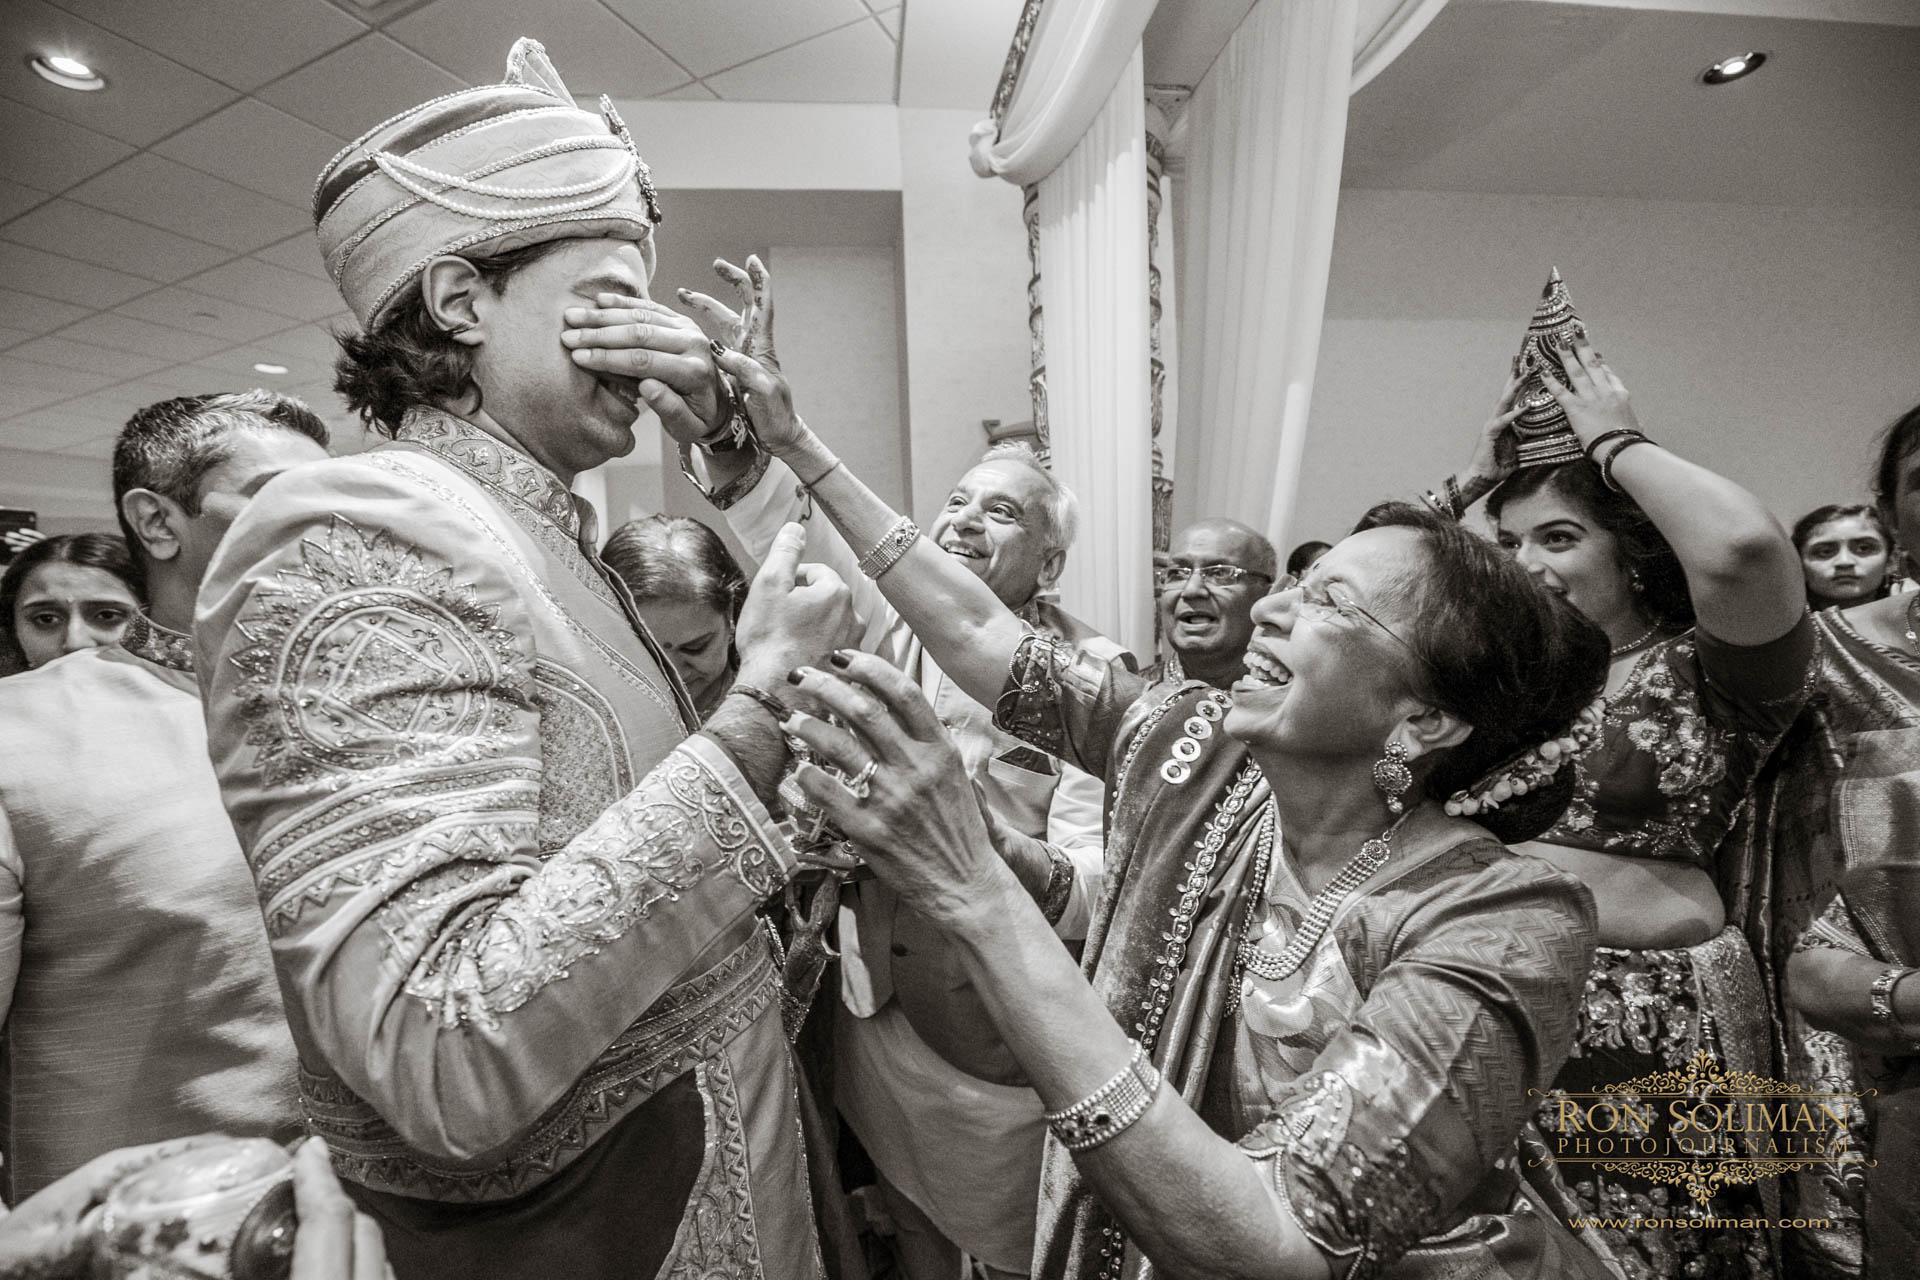 SHERATON MAHWAH INDIAN WEDDING 11